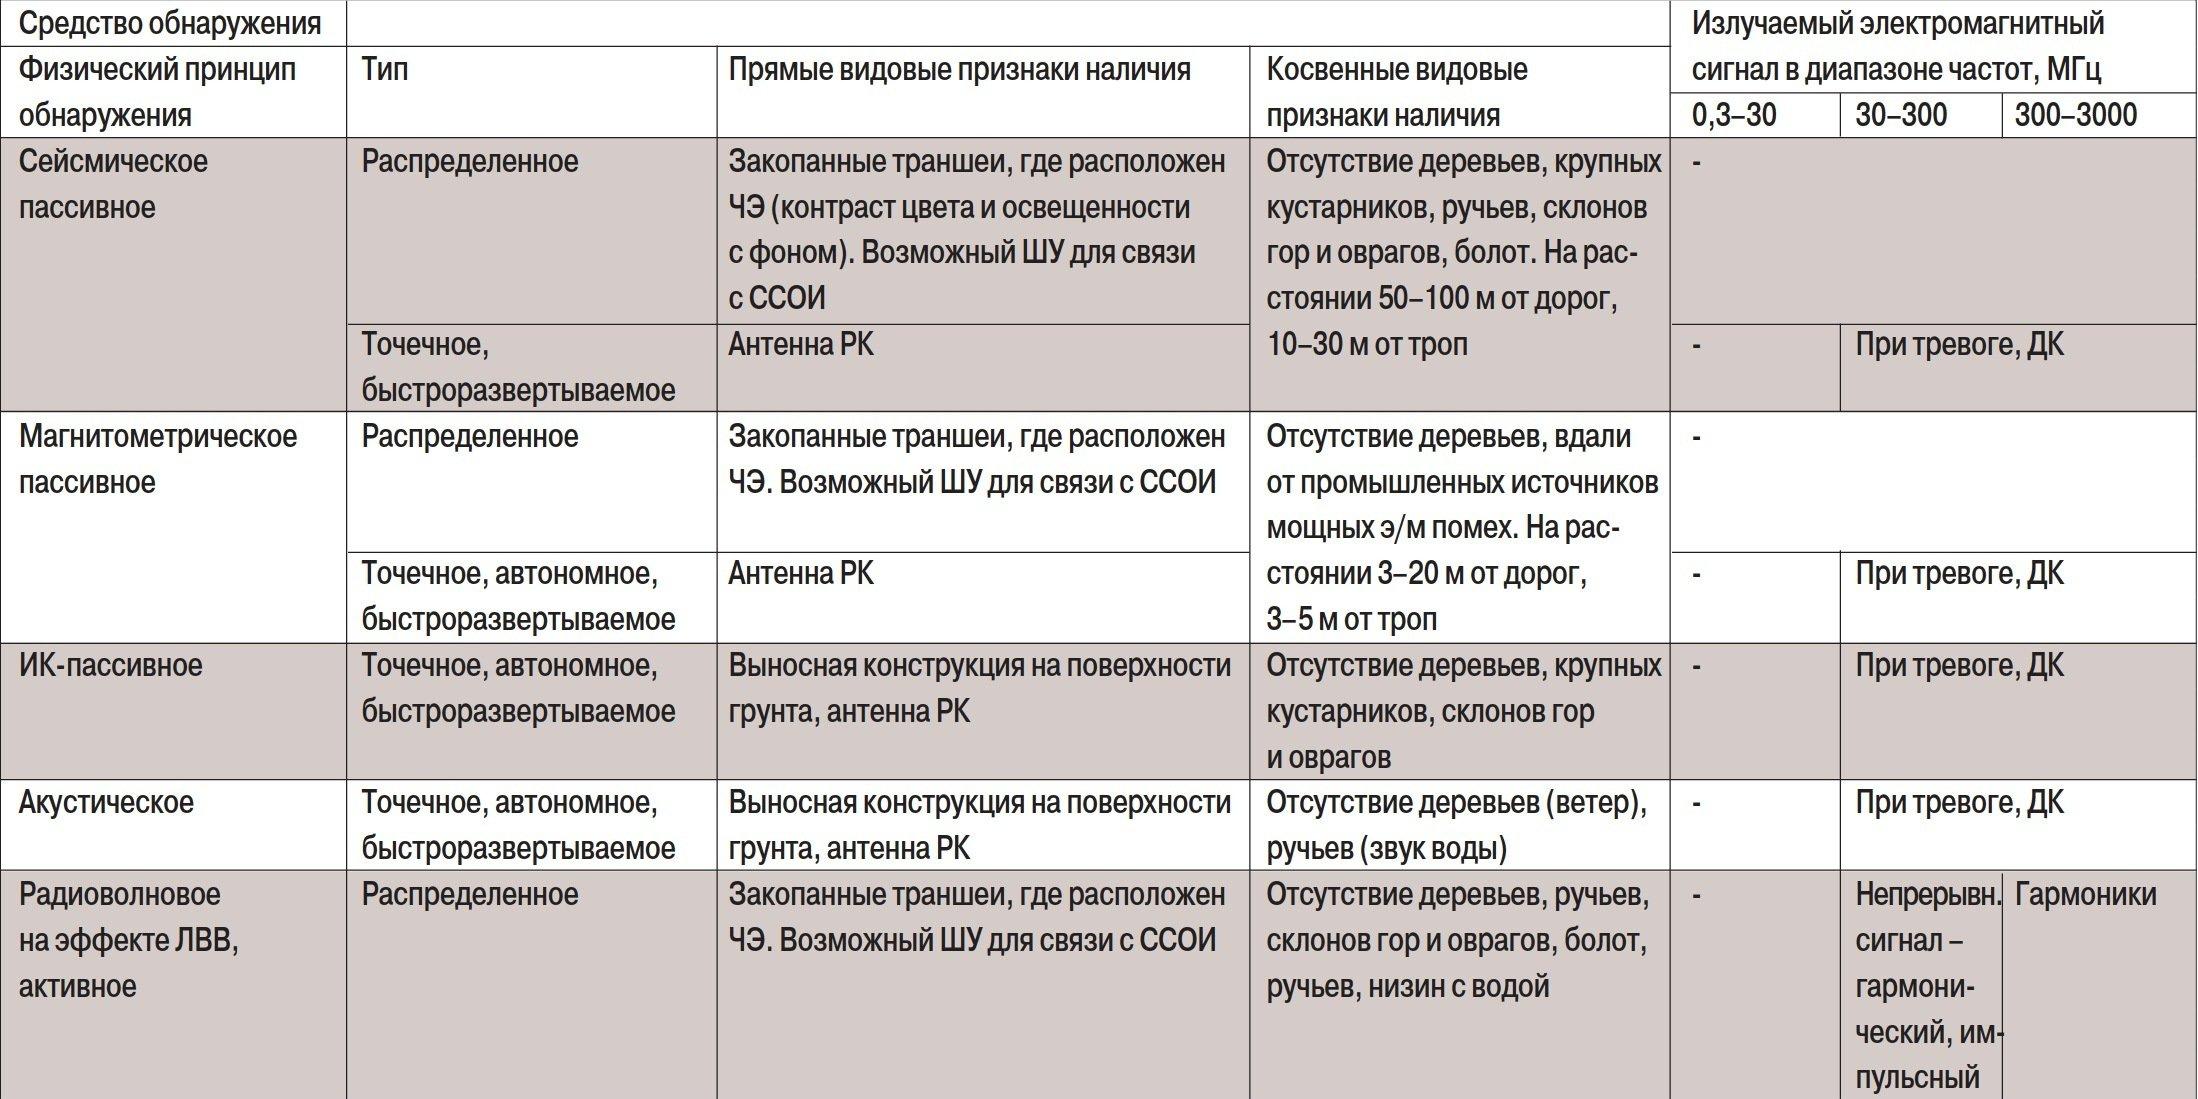 Демаскирующие признаки_1-1